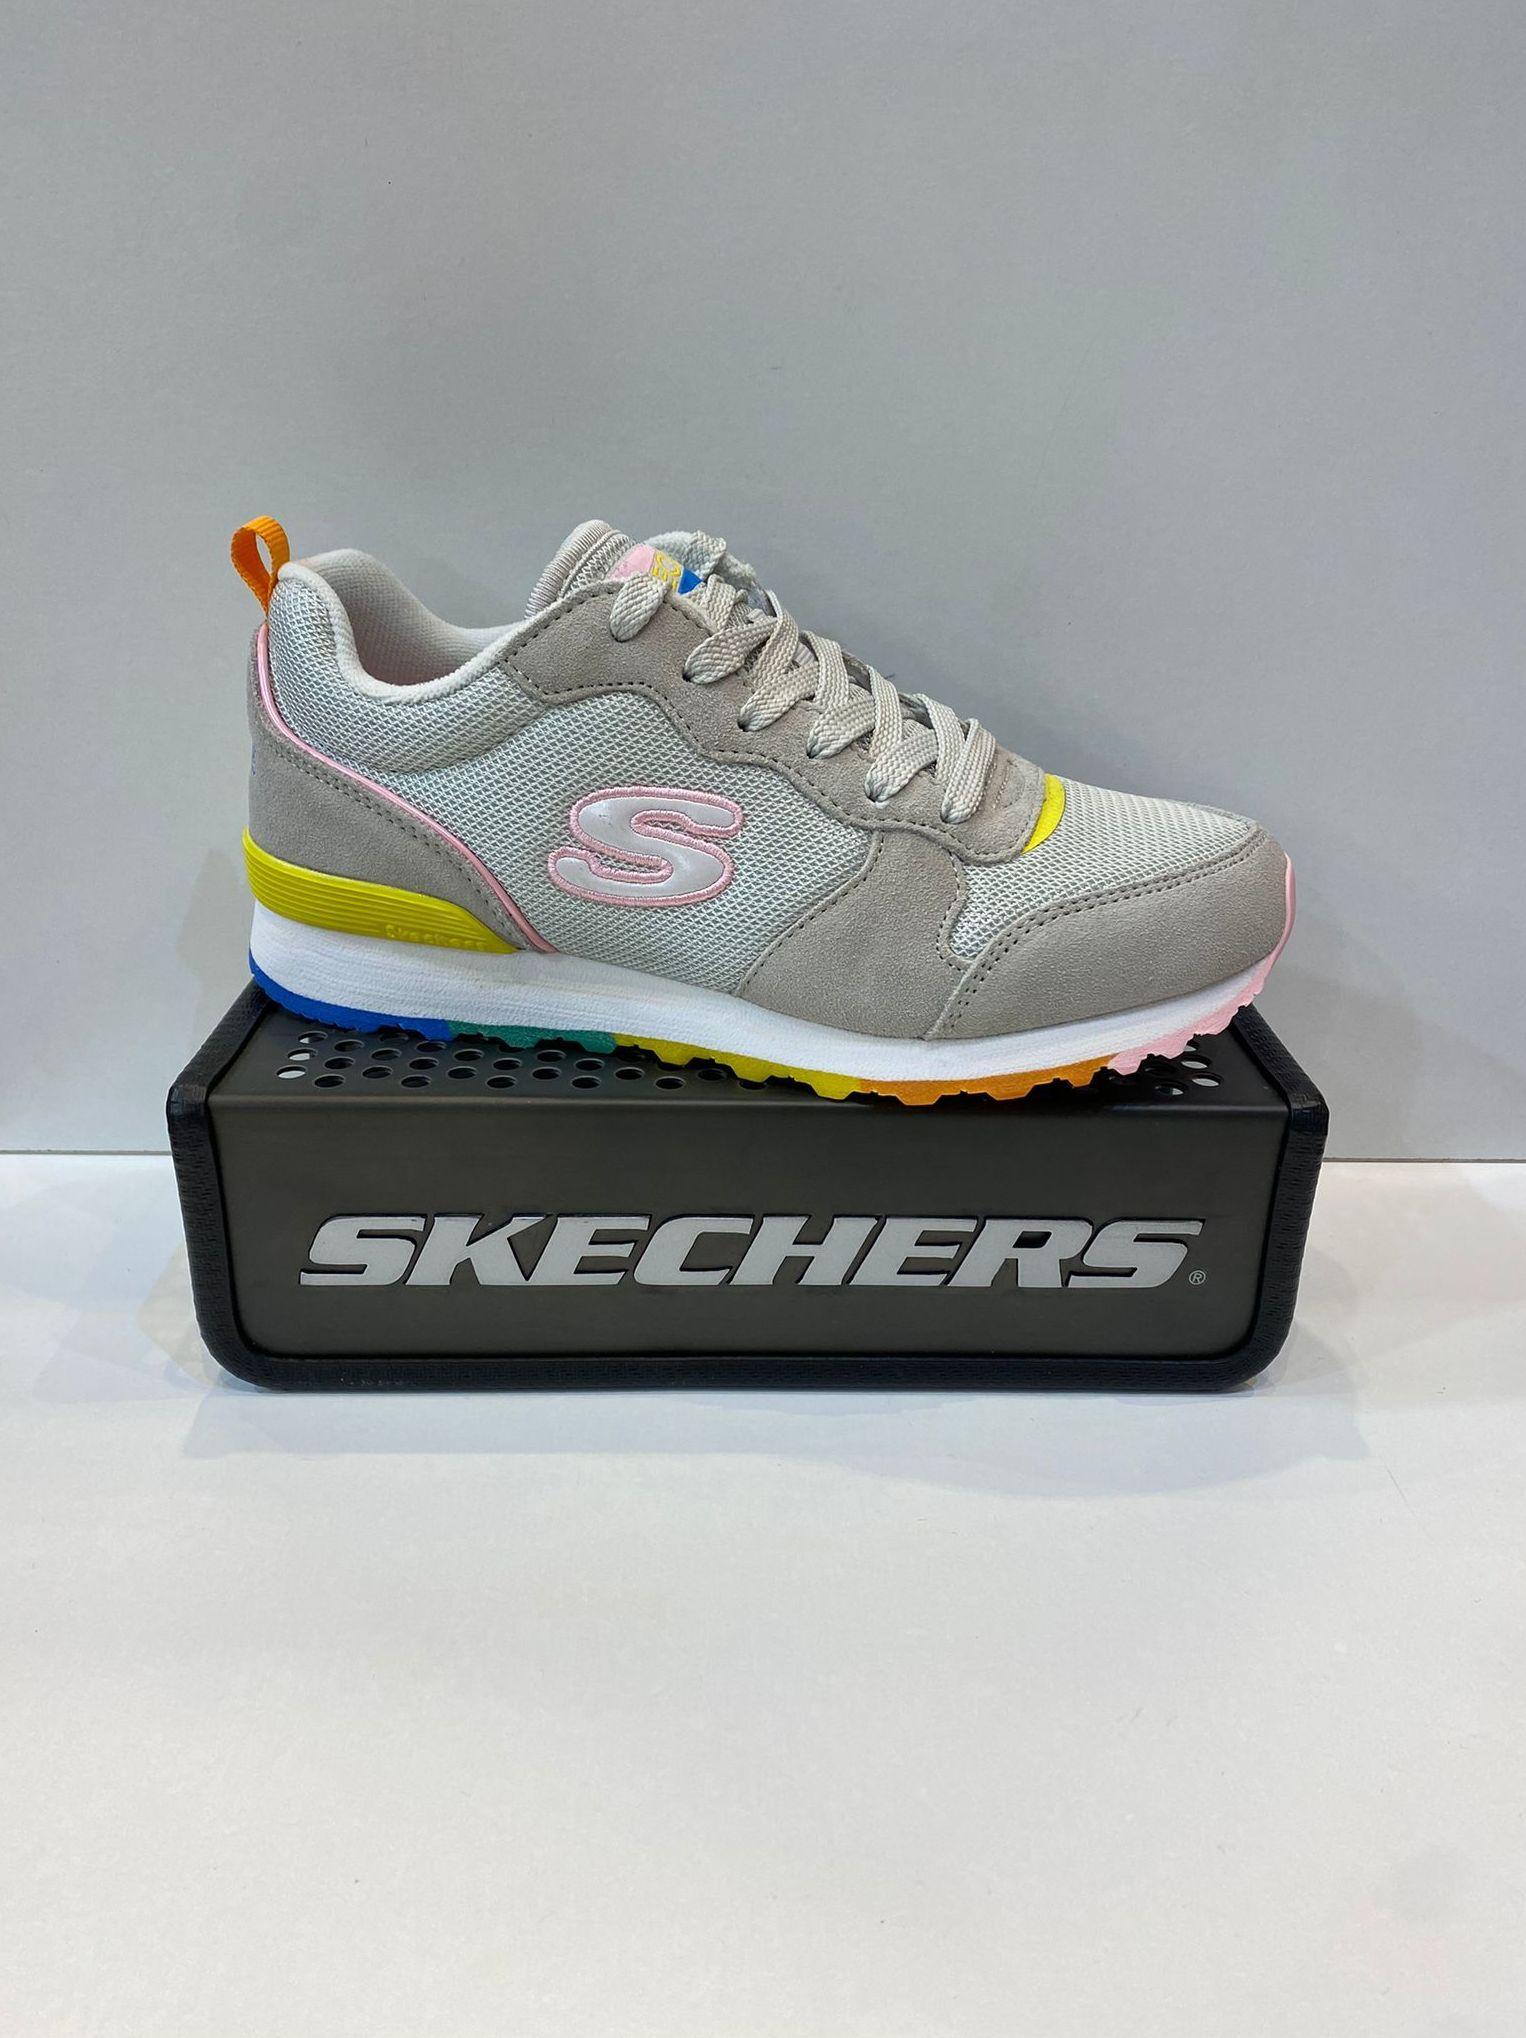 Sabata esportiva de dona, de la marca Skechers, plantilla extraible Air-Cooled Memory Foam, adaptable a plantilles ortopèdiques, sola de resalite combinada amb goma 64.95€